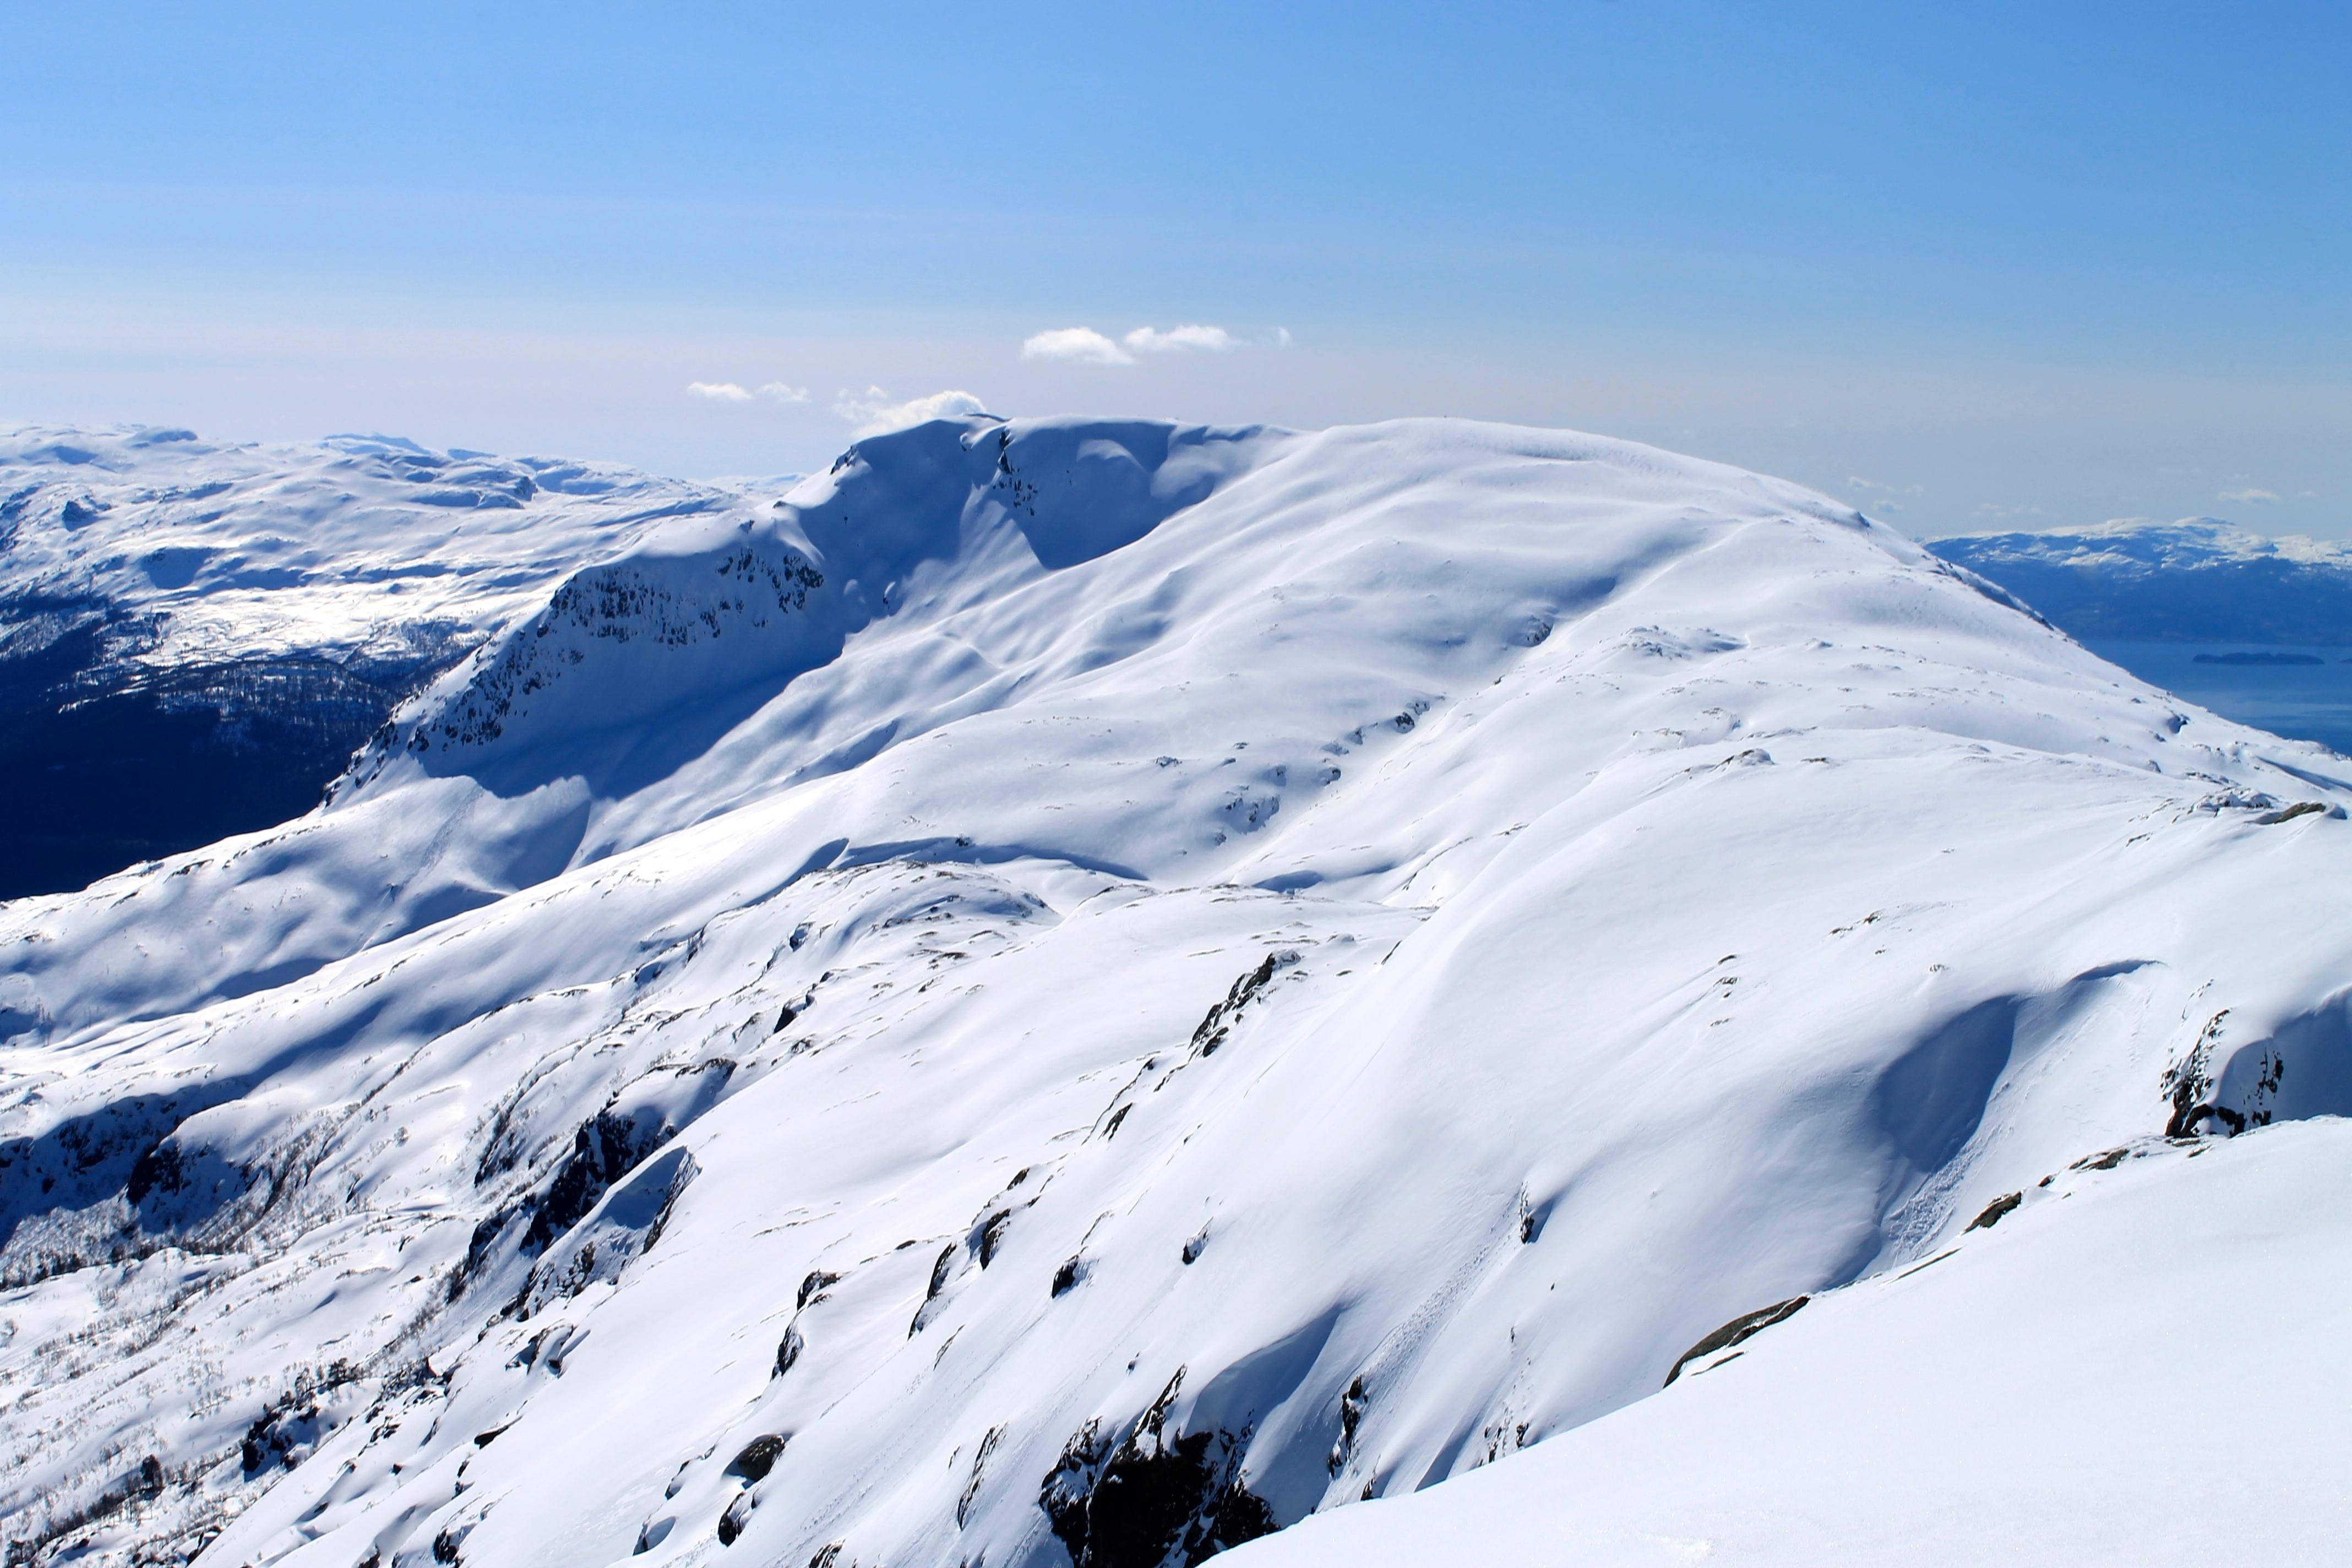 Oksen sett fra Ingebjørgfjellet. Ingebjørgfjellet er en fin avstikker fra Oksen.